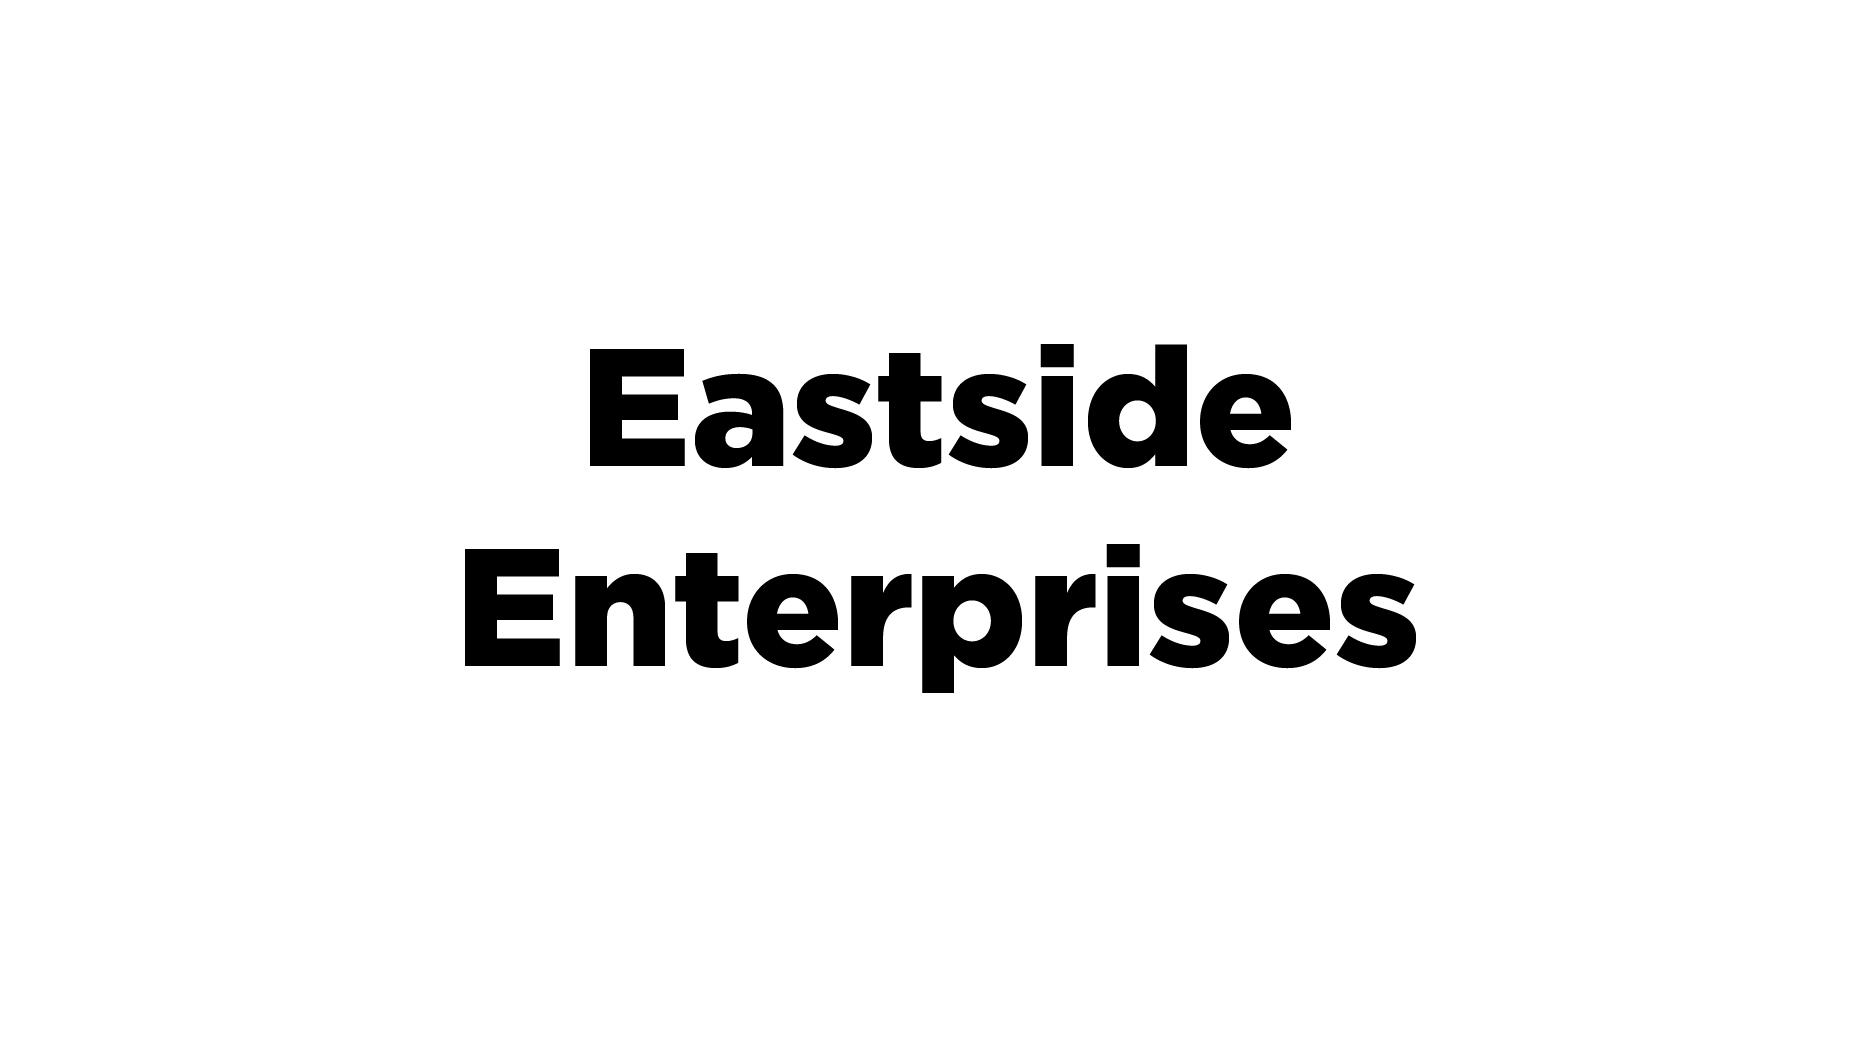 asset-logo-grid_eastside-enterprises.png